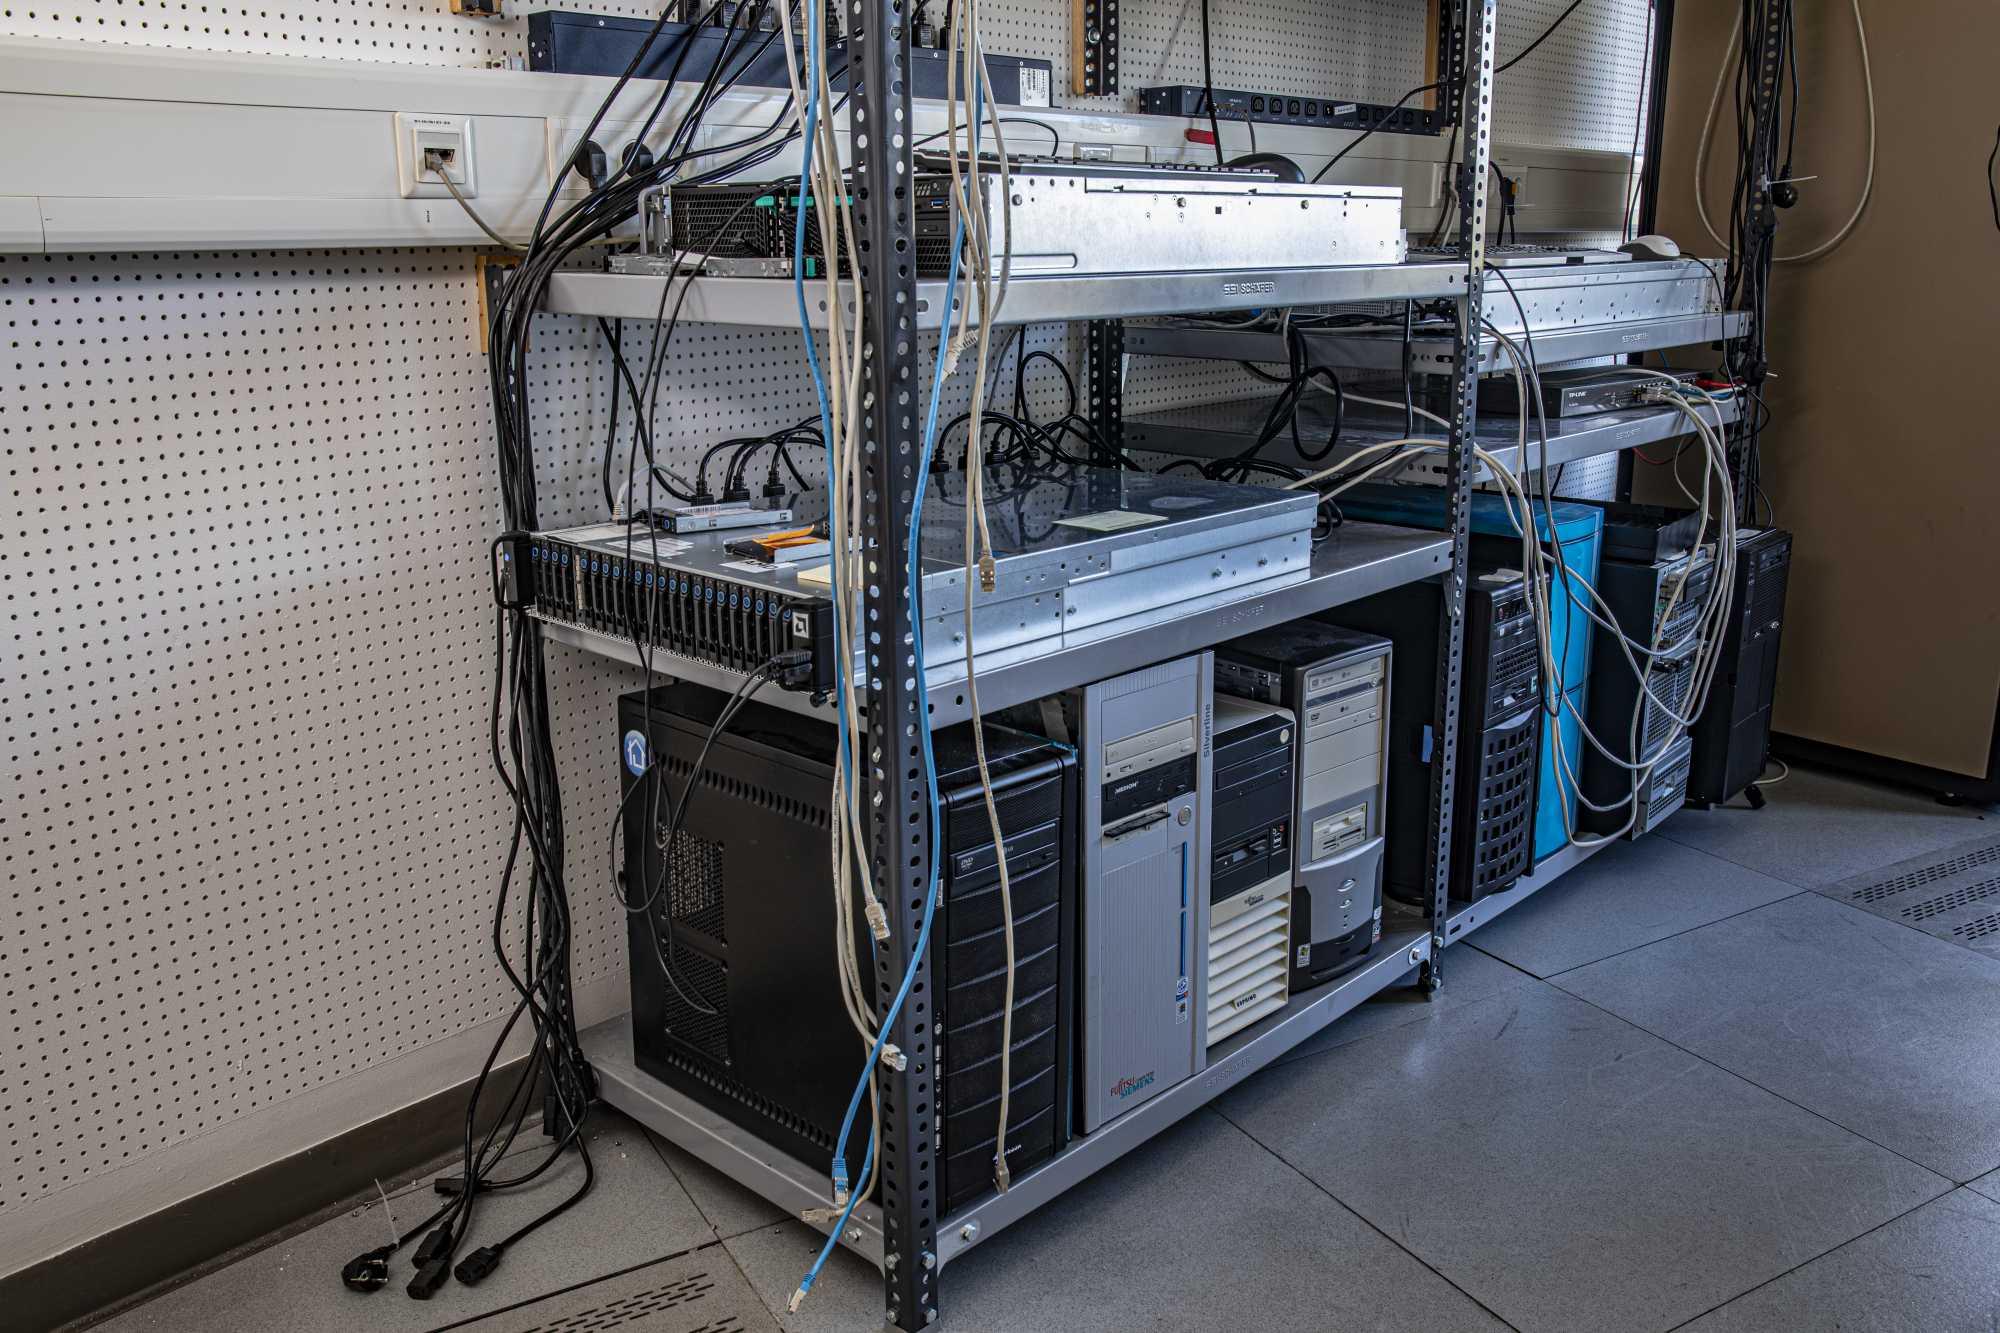 Im Raum, den Ex-Kollege Andreas Stiller bis 2019 verwaltet hat, stehen die Falt-Server der c't-Redaktion.